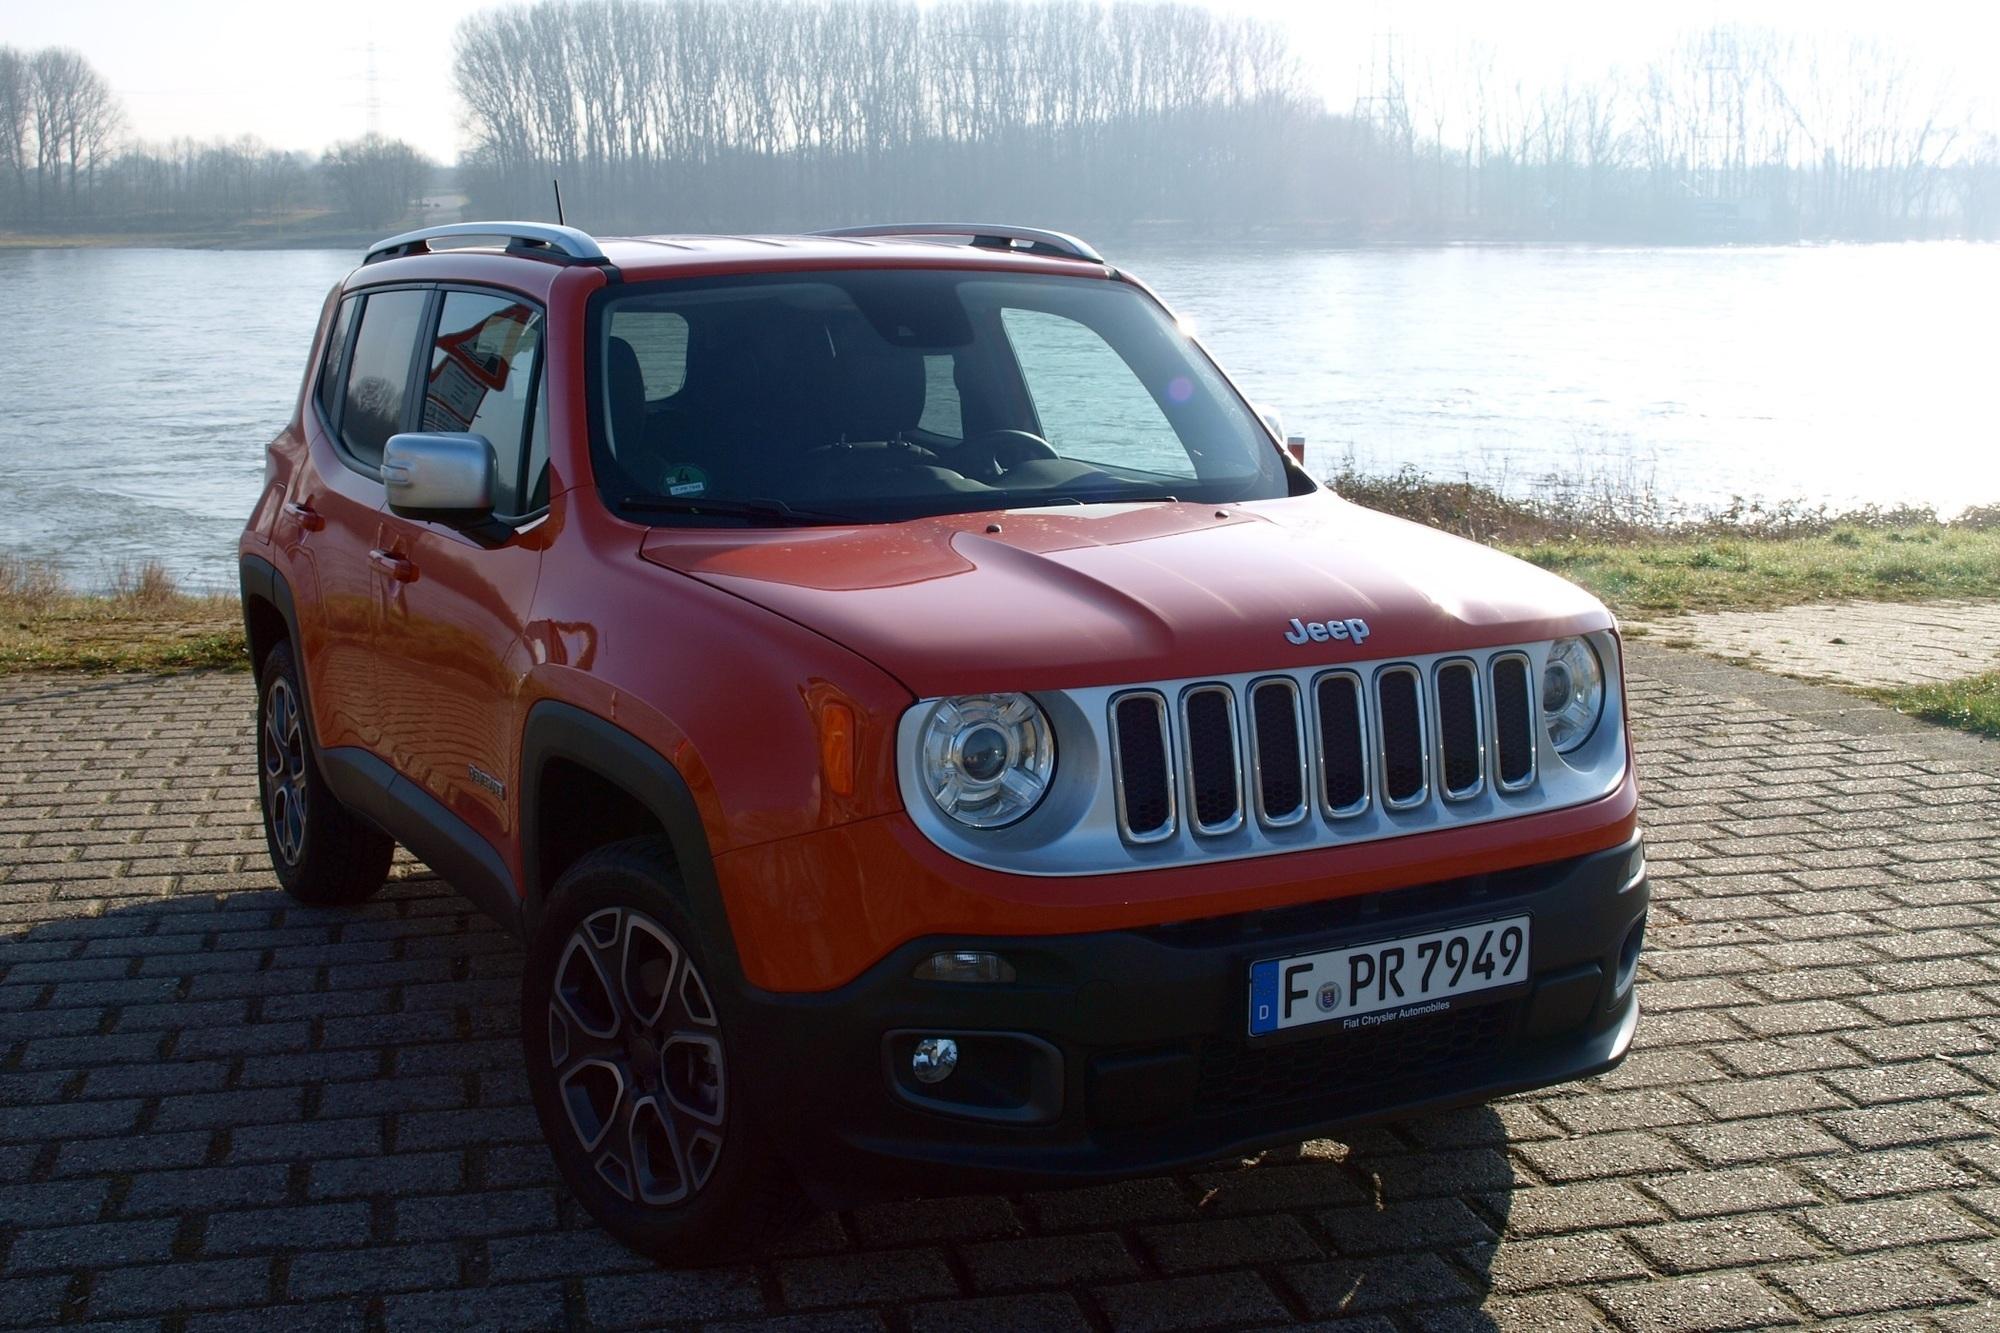 Test: Jeep Renegade - Der krempelt die Ärmel auf